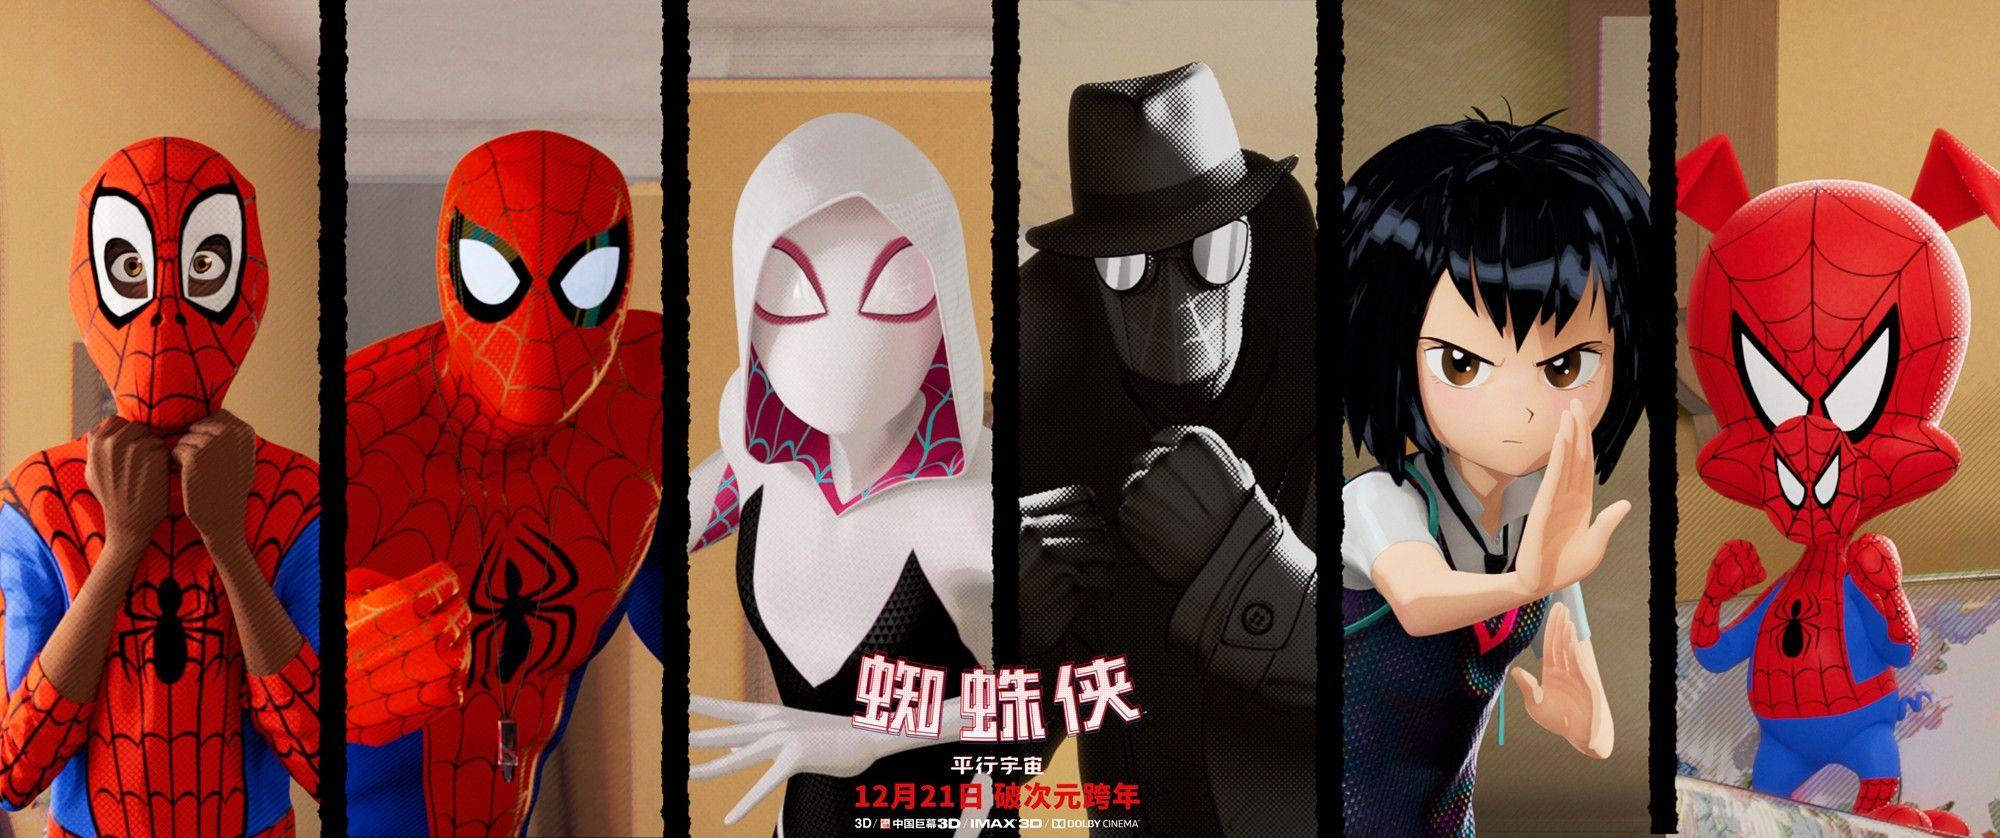 《蜘蛛俠:平行宇宙》口碑逆天,外媒驚呼年度最佳動畫已誕生